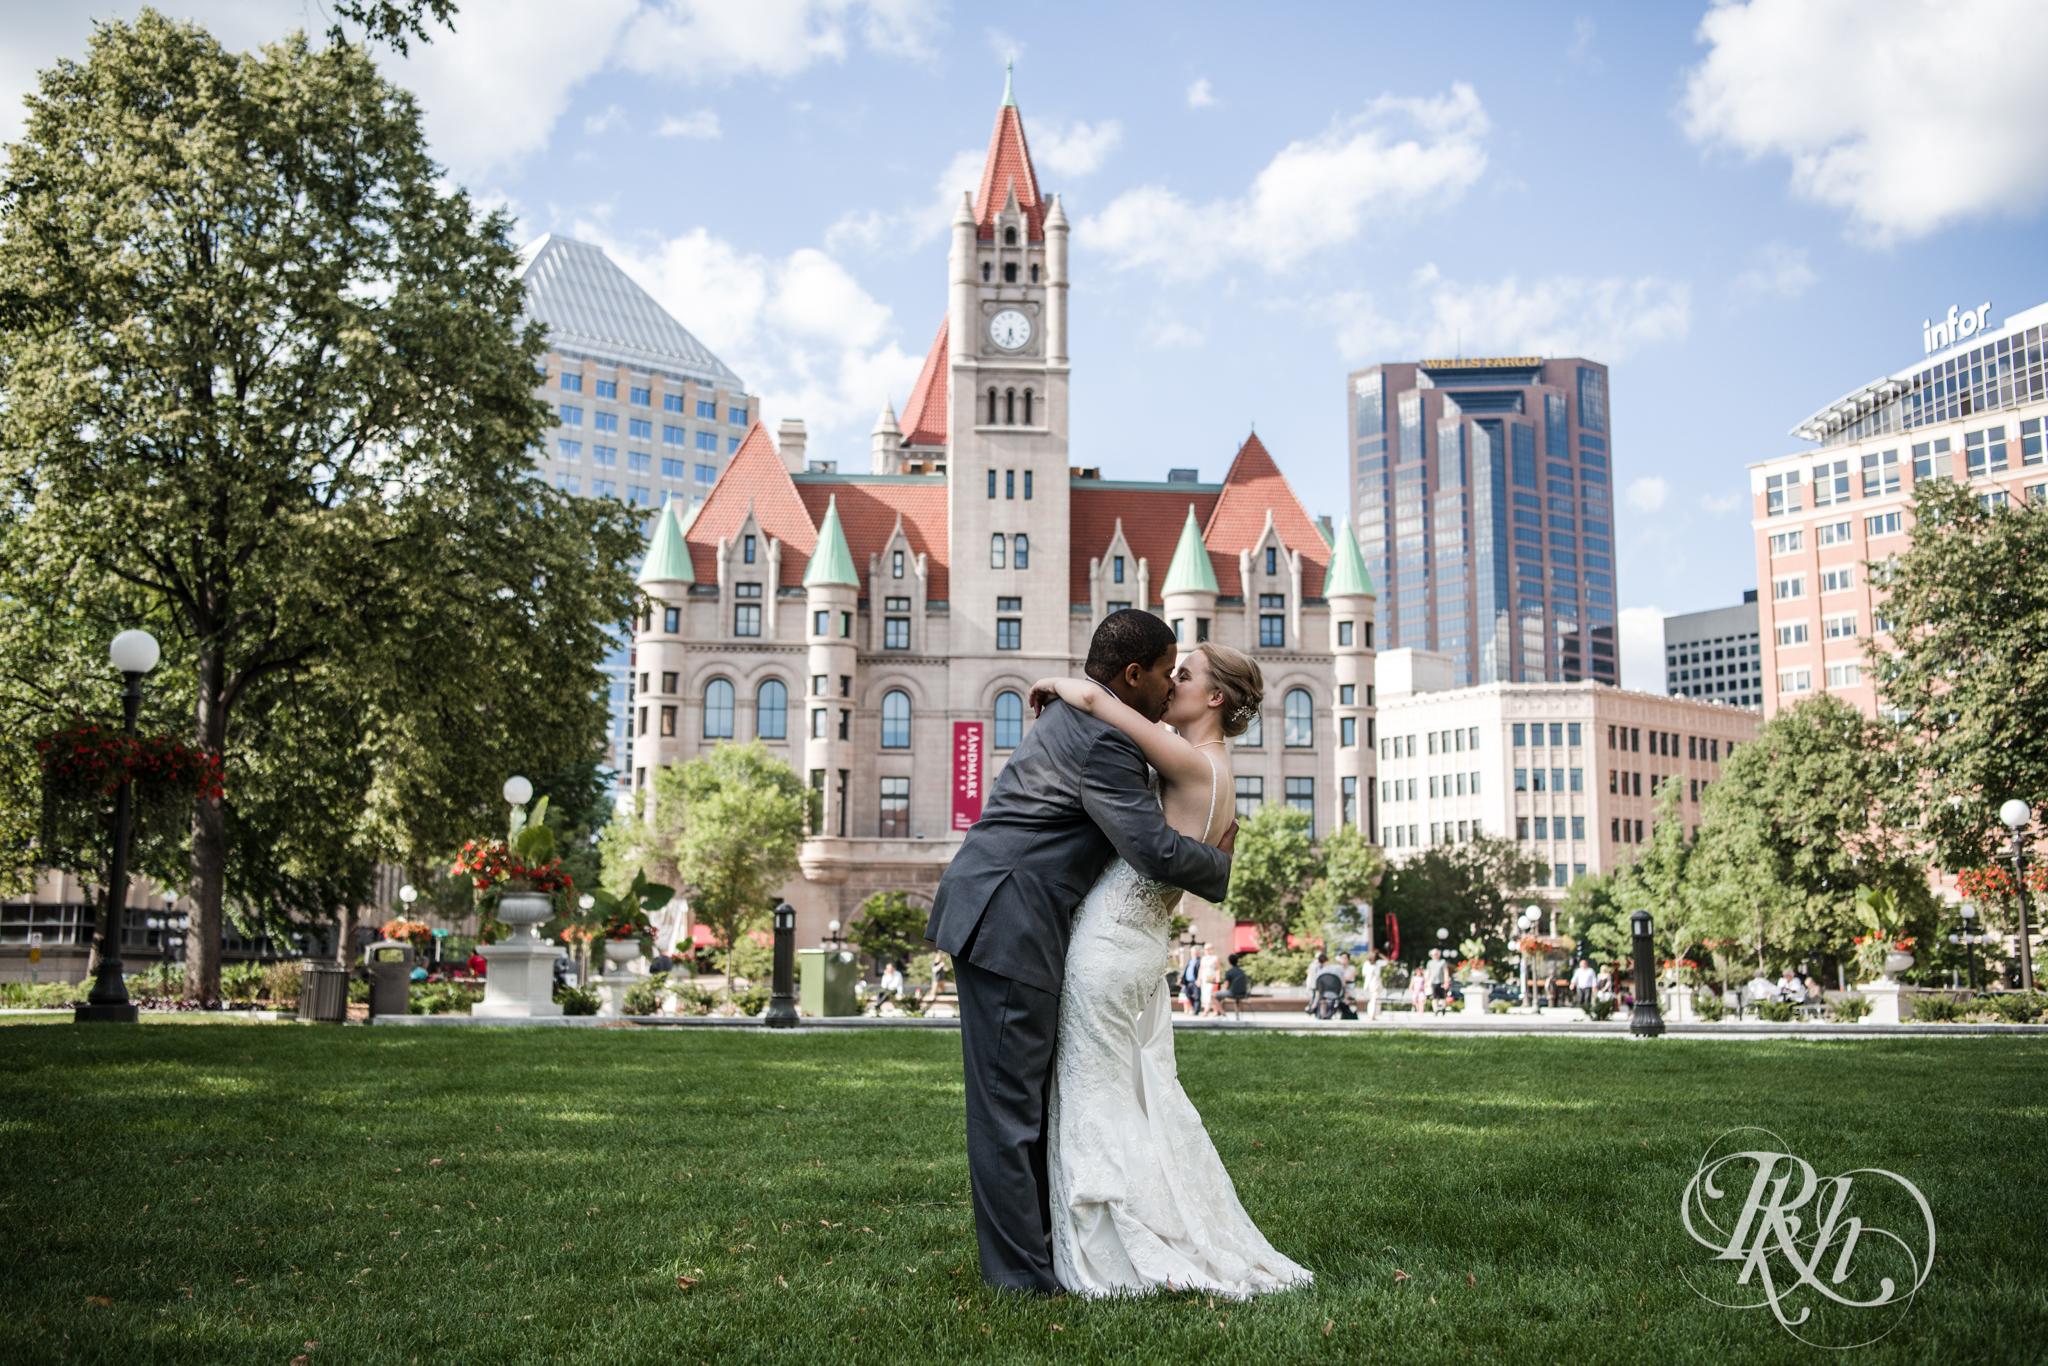 Laura and Adekunle - Minnesota Wedding Photographer - Minnesota History Center - RKH Images - Blog (47 of 75).jpg